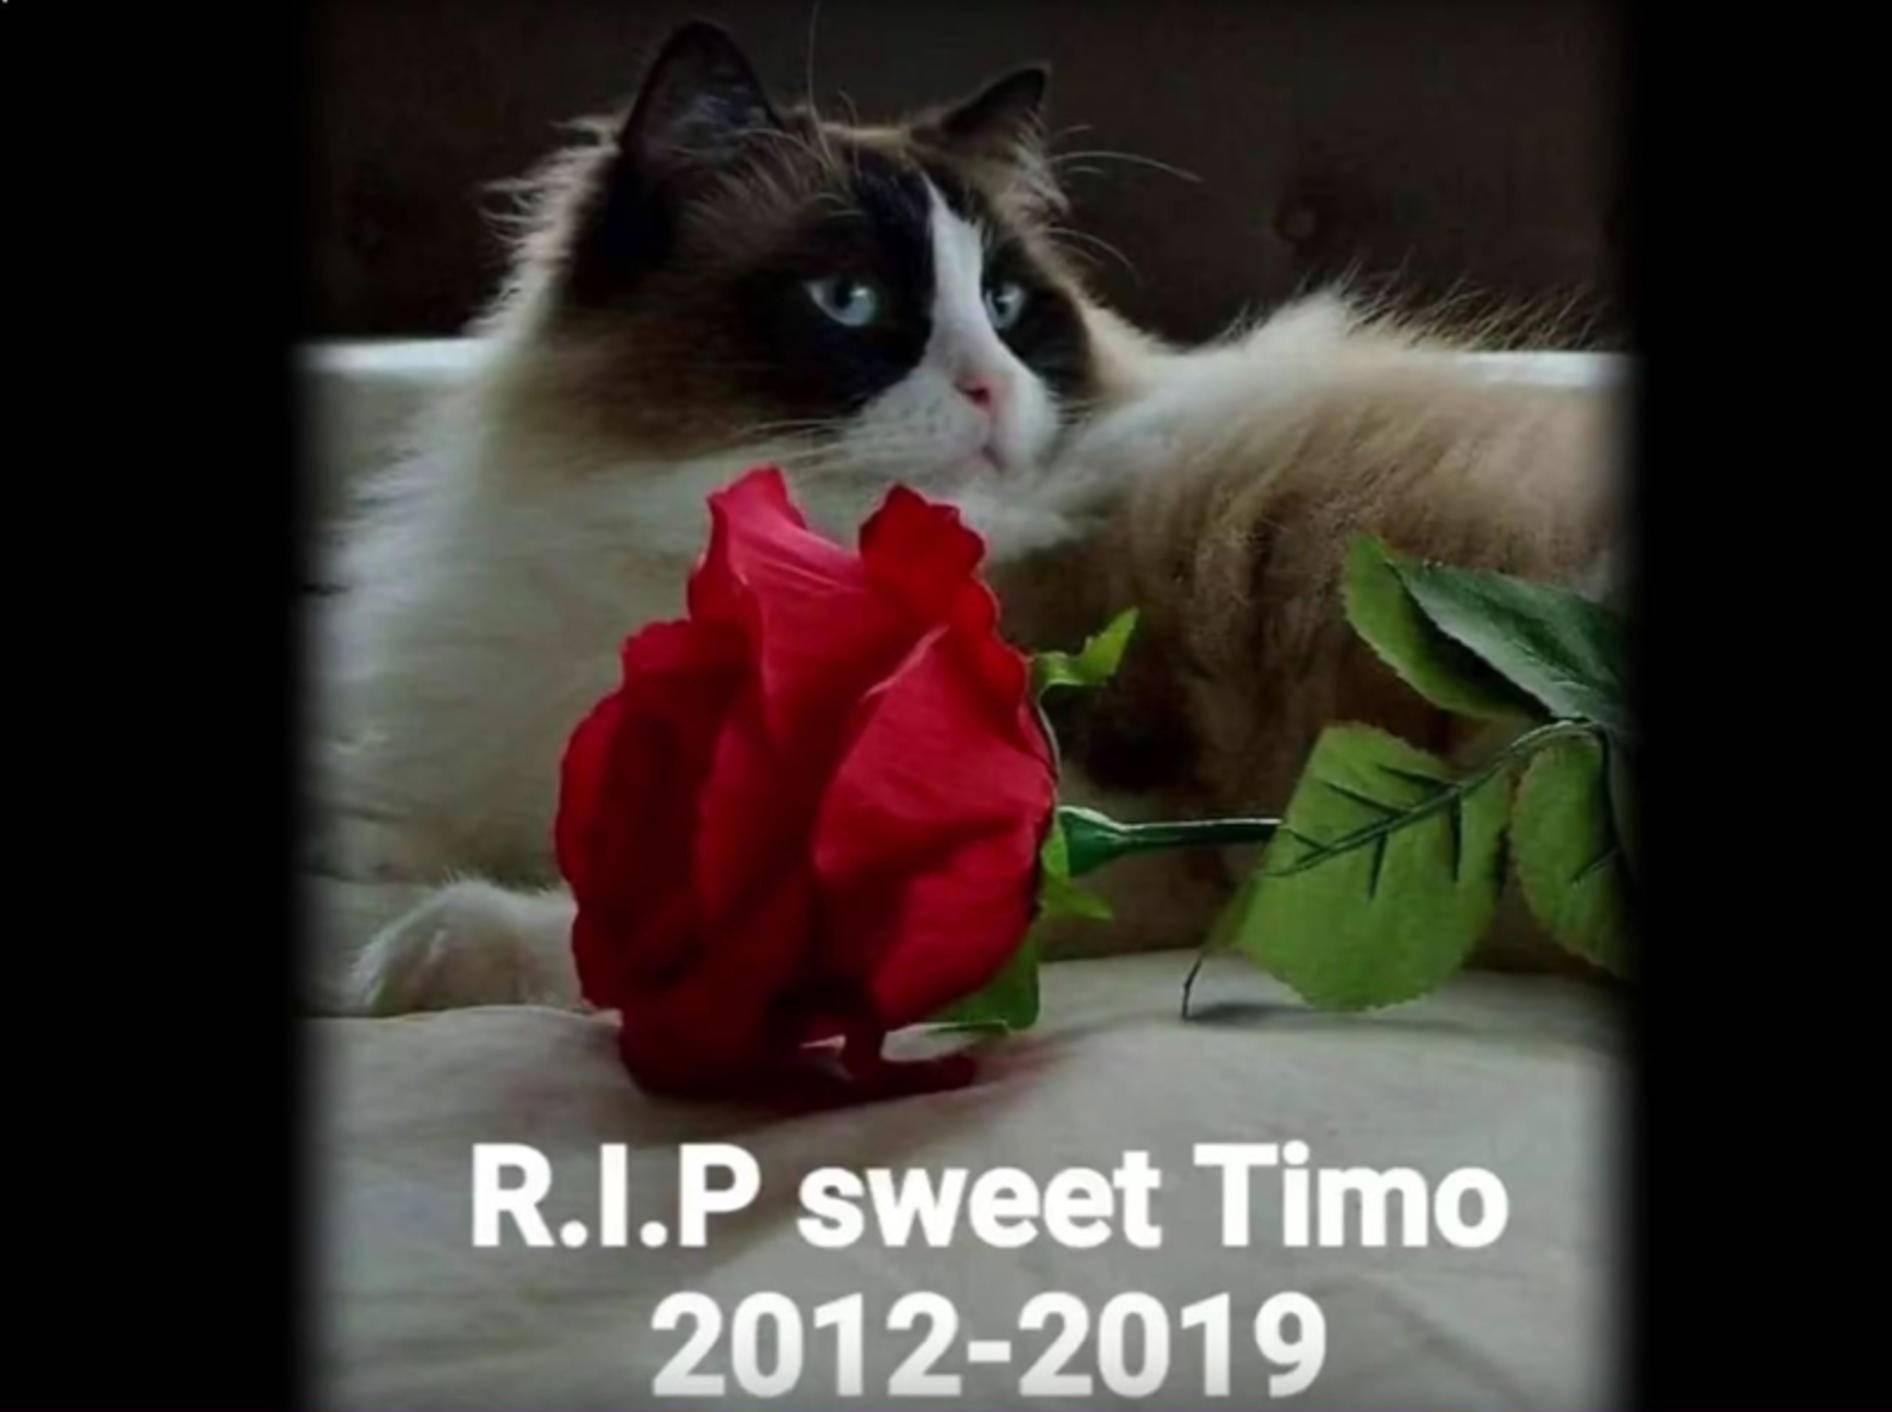 Traurige Nachricht: Ragdoll-Kater Timo ist gestorben – YouTube / Xiedubbel